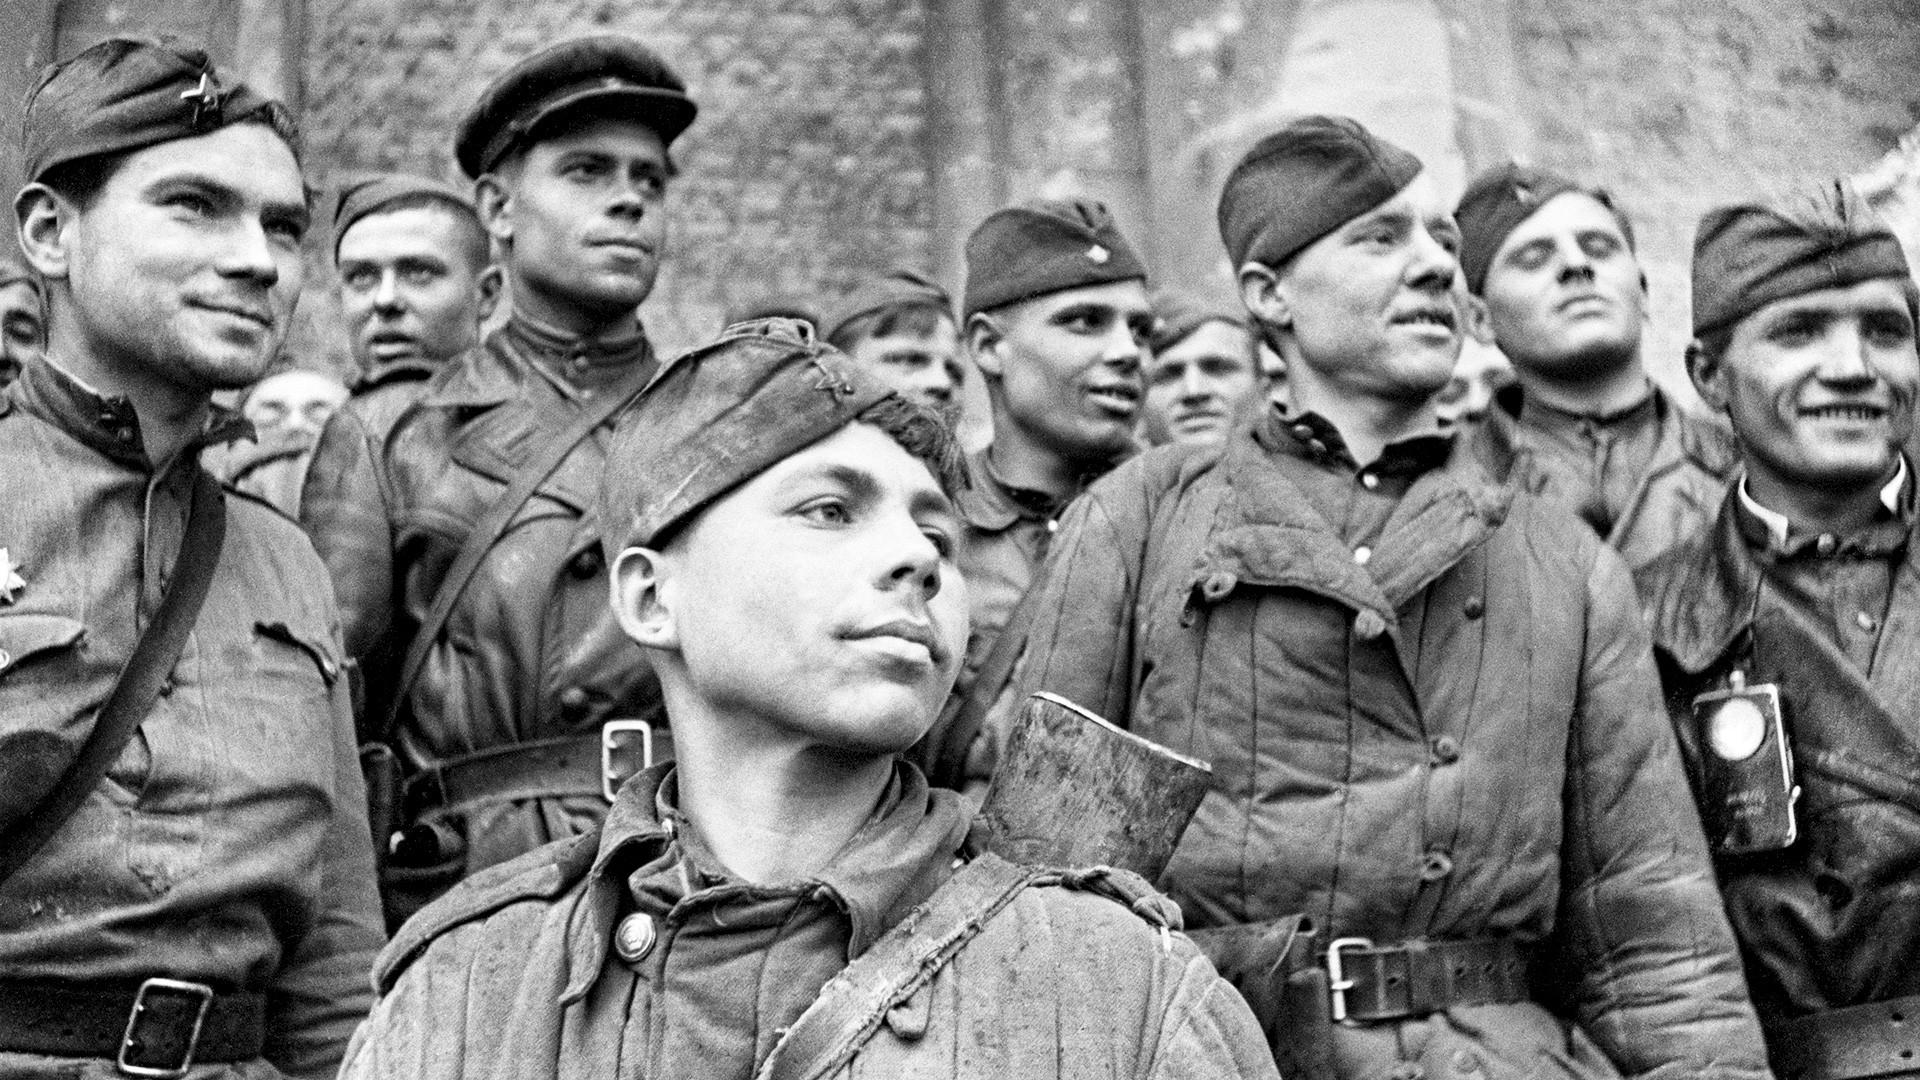 Бойцы взвода разведки 674-го стрелкового полка 150-й стрелковой Идрицкой дивизии, штурмовавшие Рейхстаг.